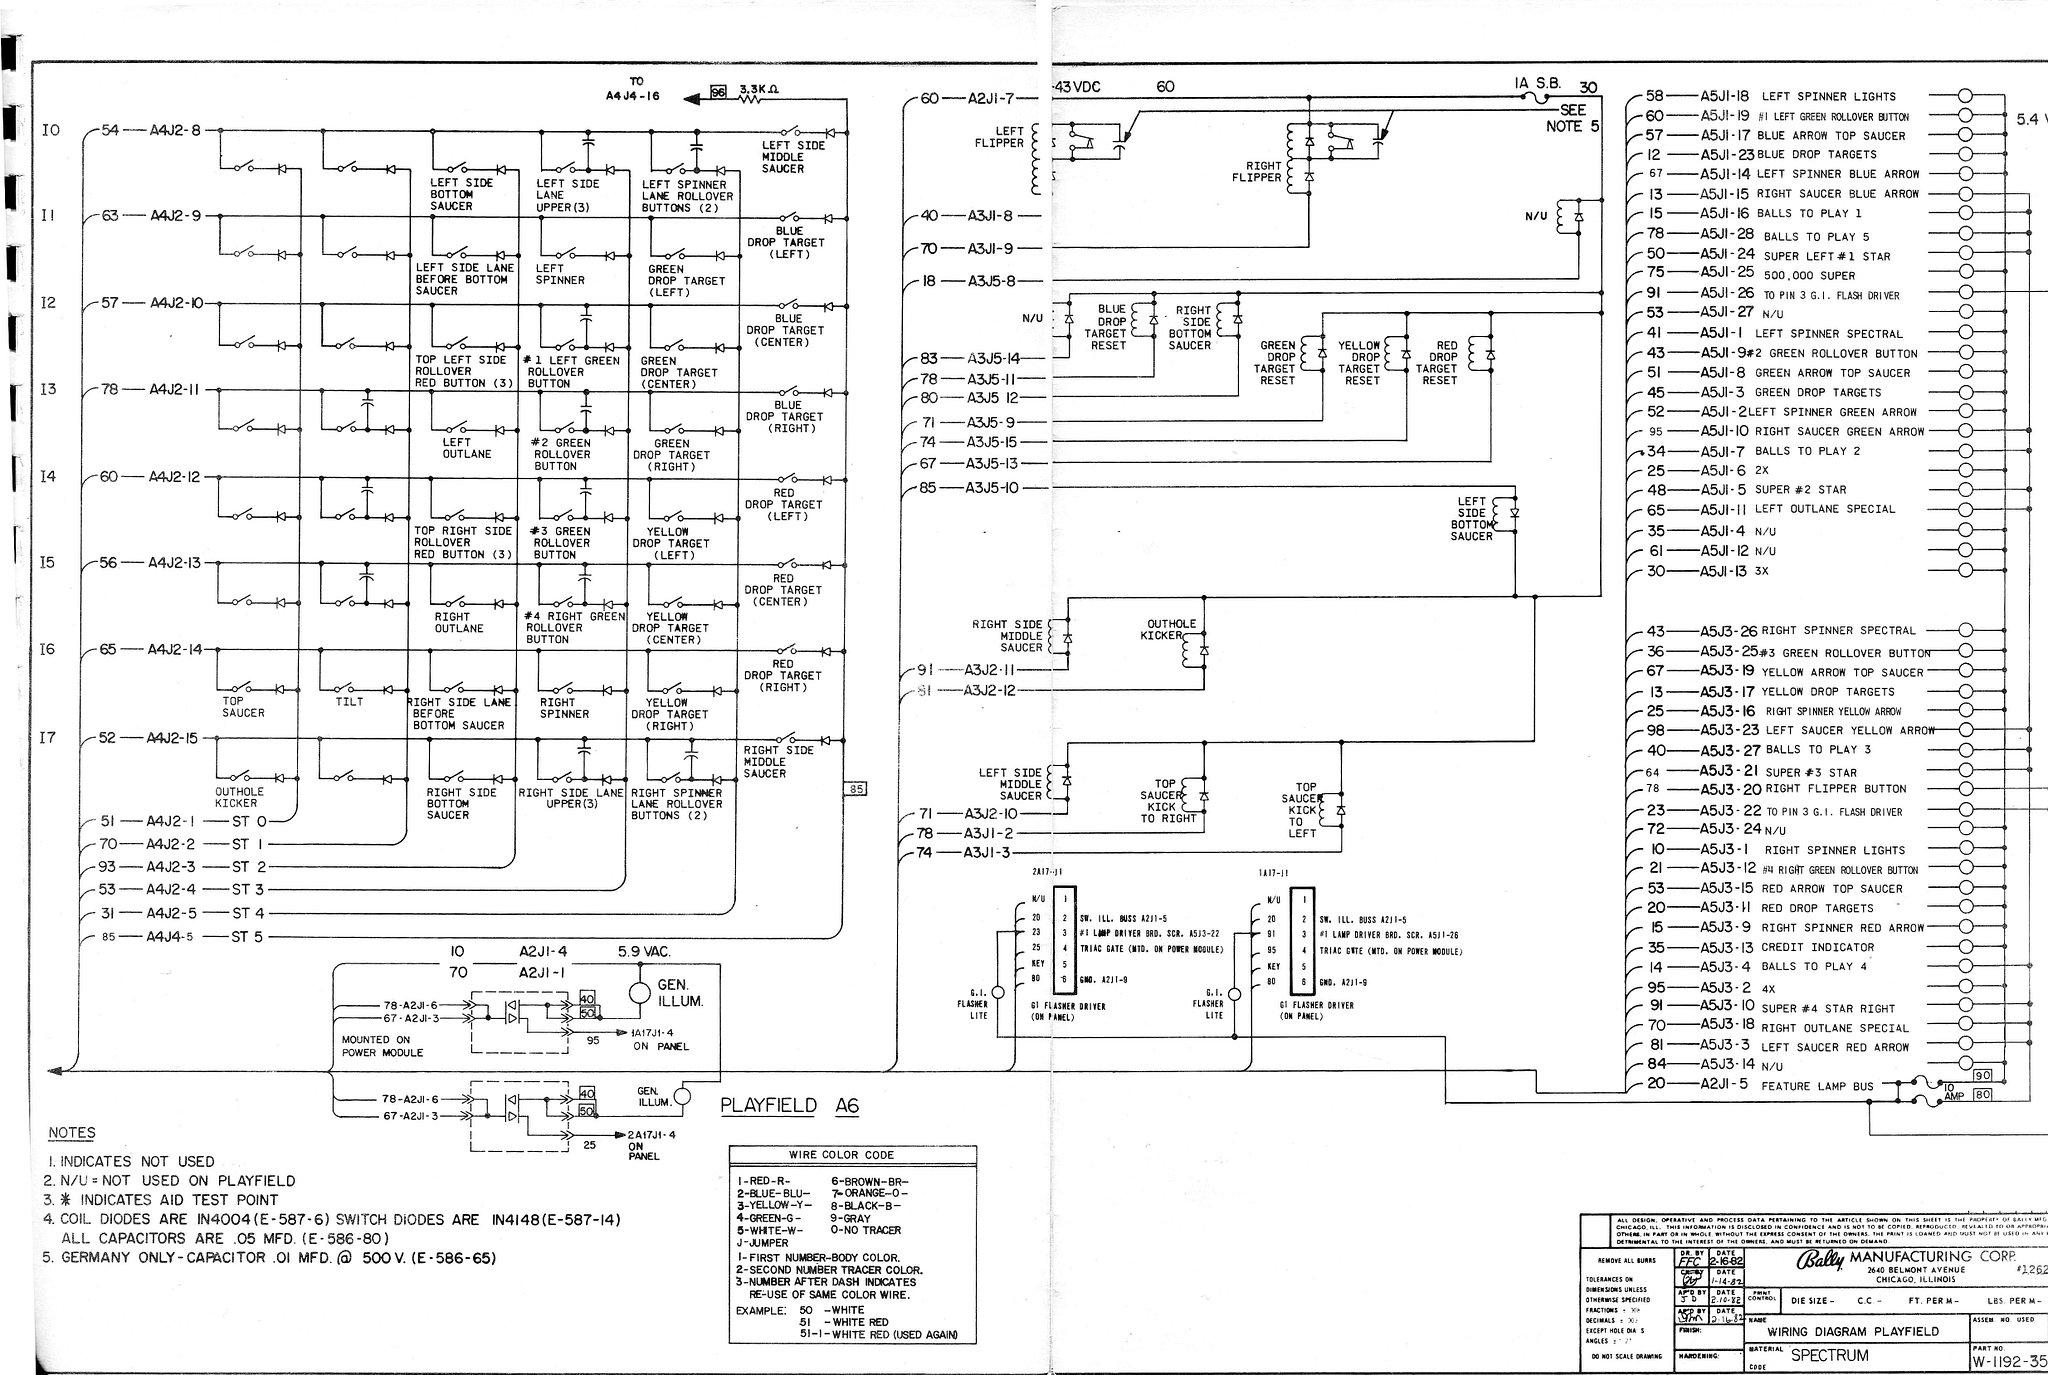 Bally Spectrum Schematics Wiring Diagram